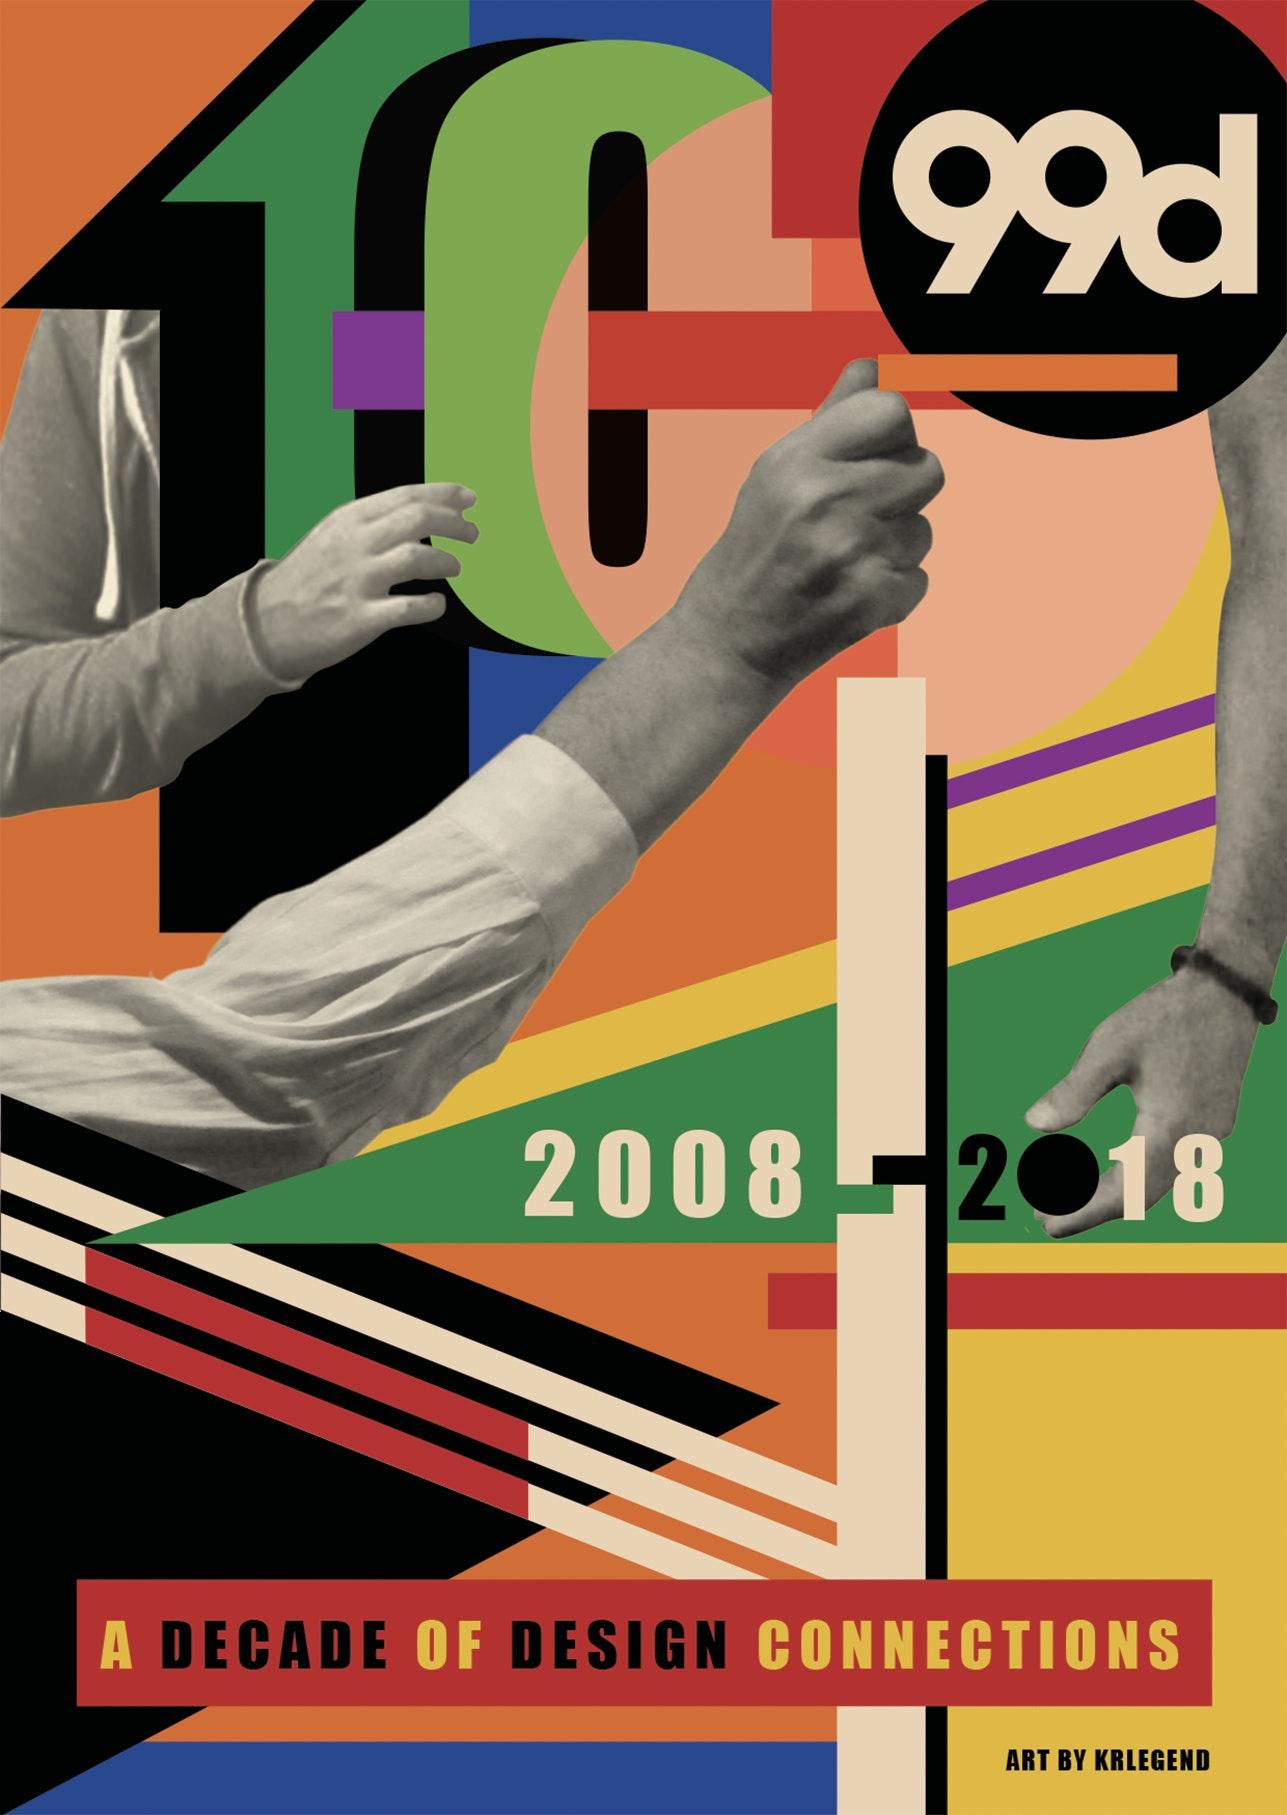 10 year anniversary poster design by krlegend